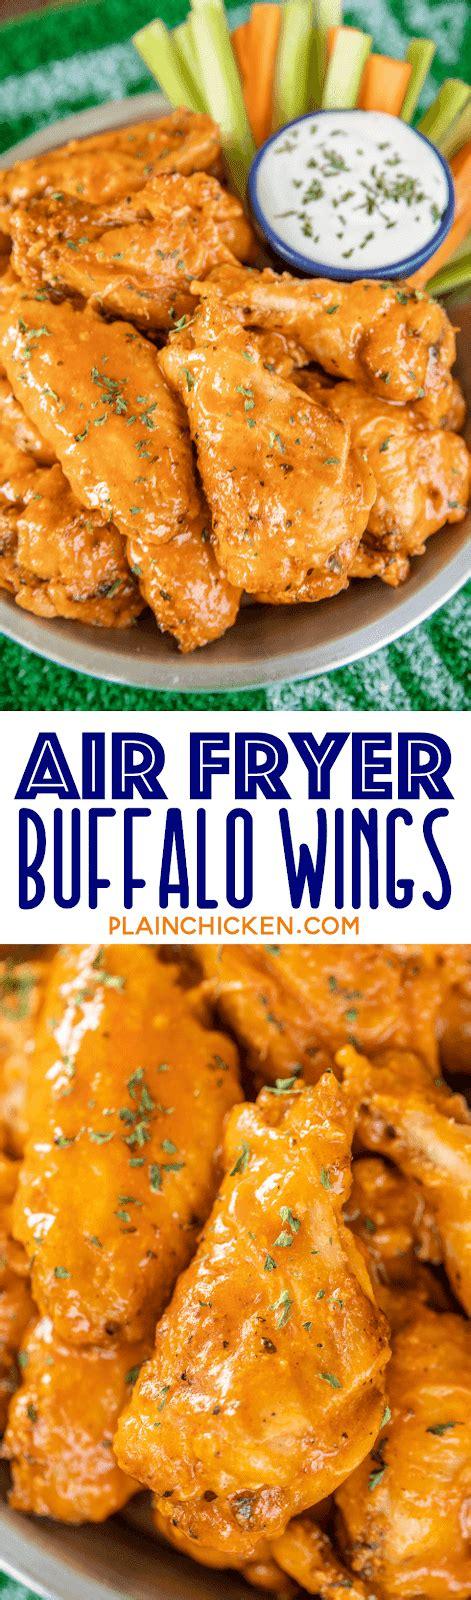 air wings fryer chicken buffalo powder baking plain recipe crispy